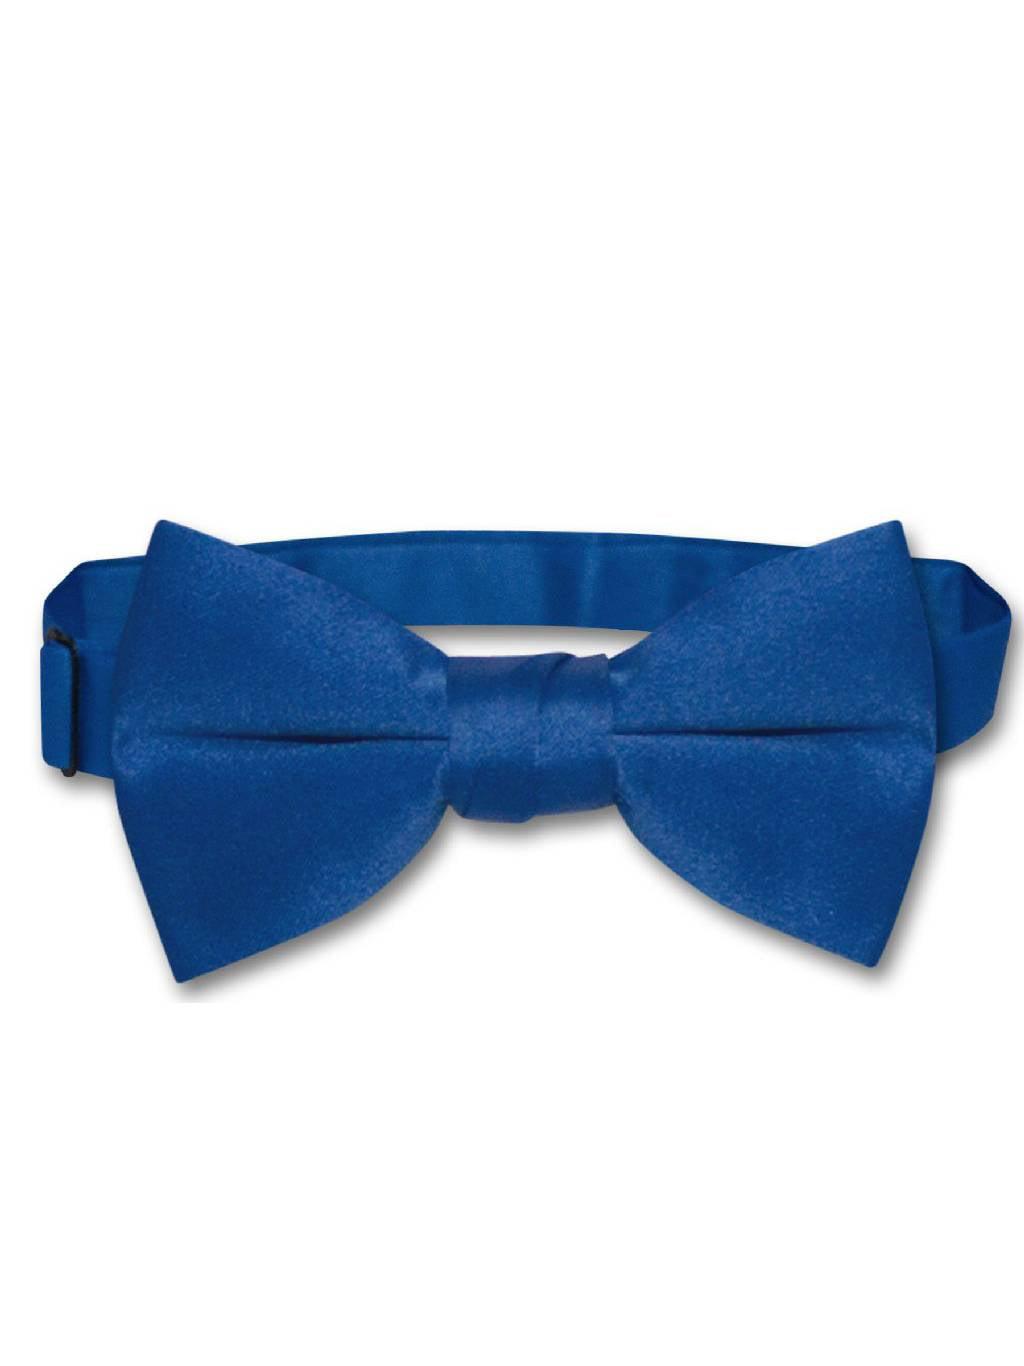 Vesuvio Napoli SELF TIE Bow Tie Solid ROYAL BLUE Color Mens BowTie